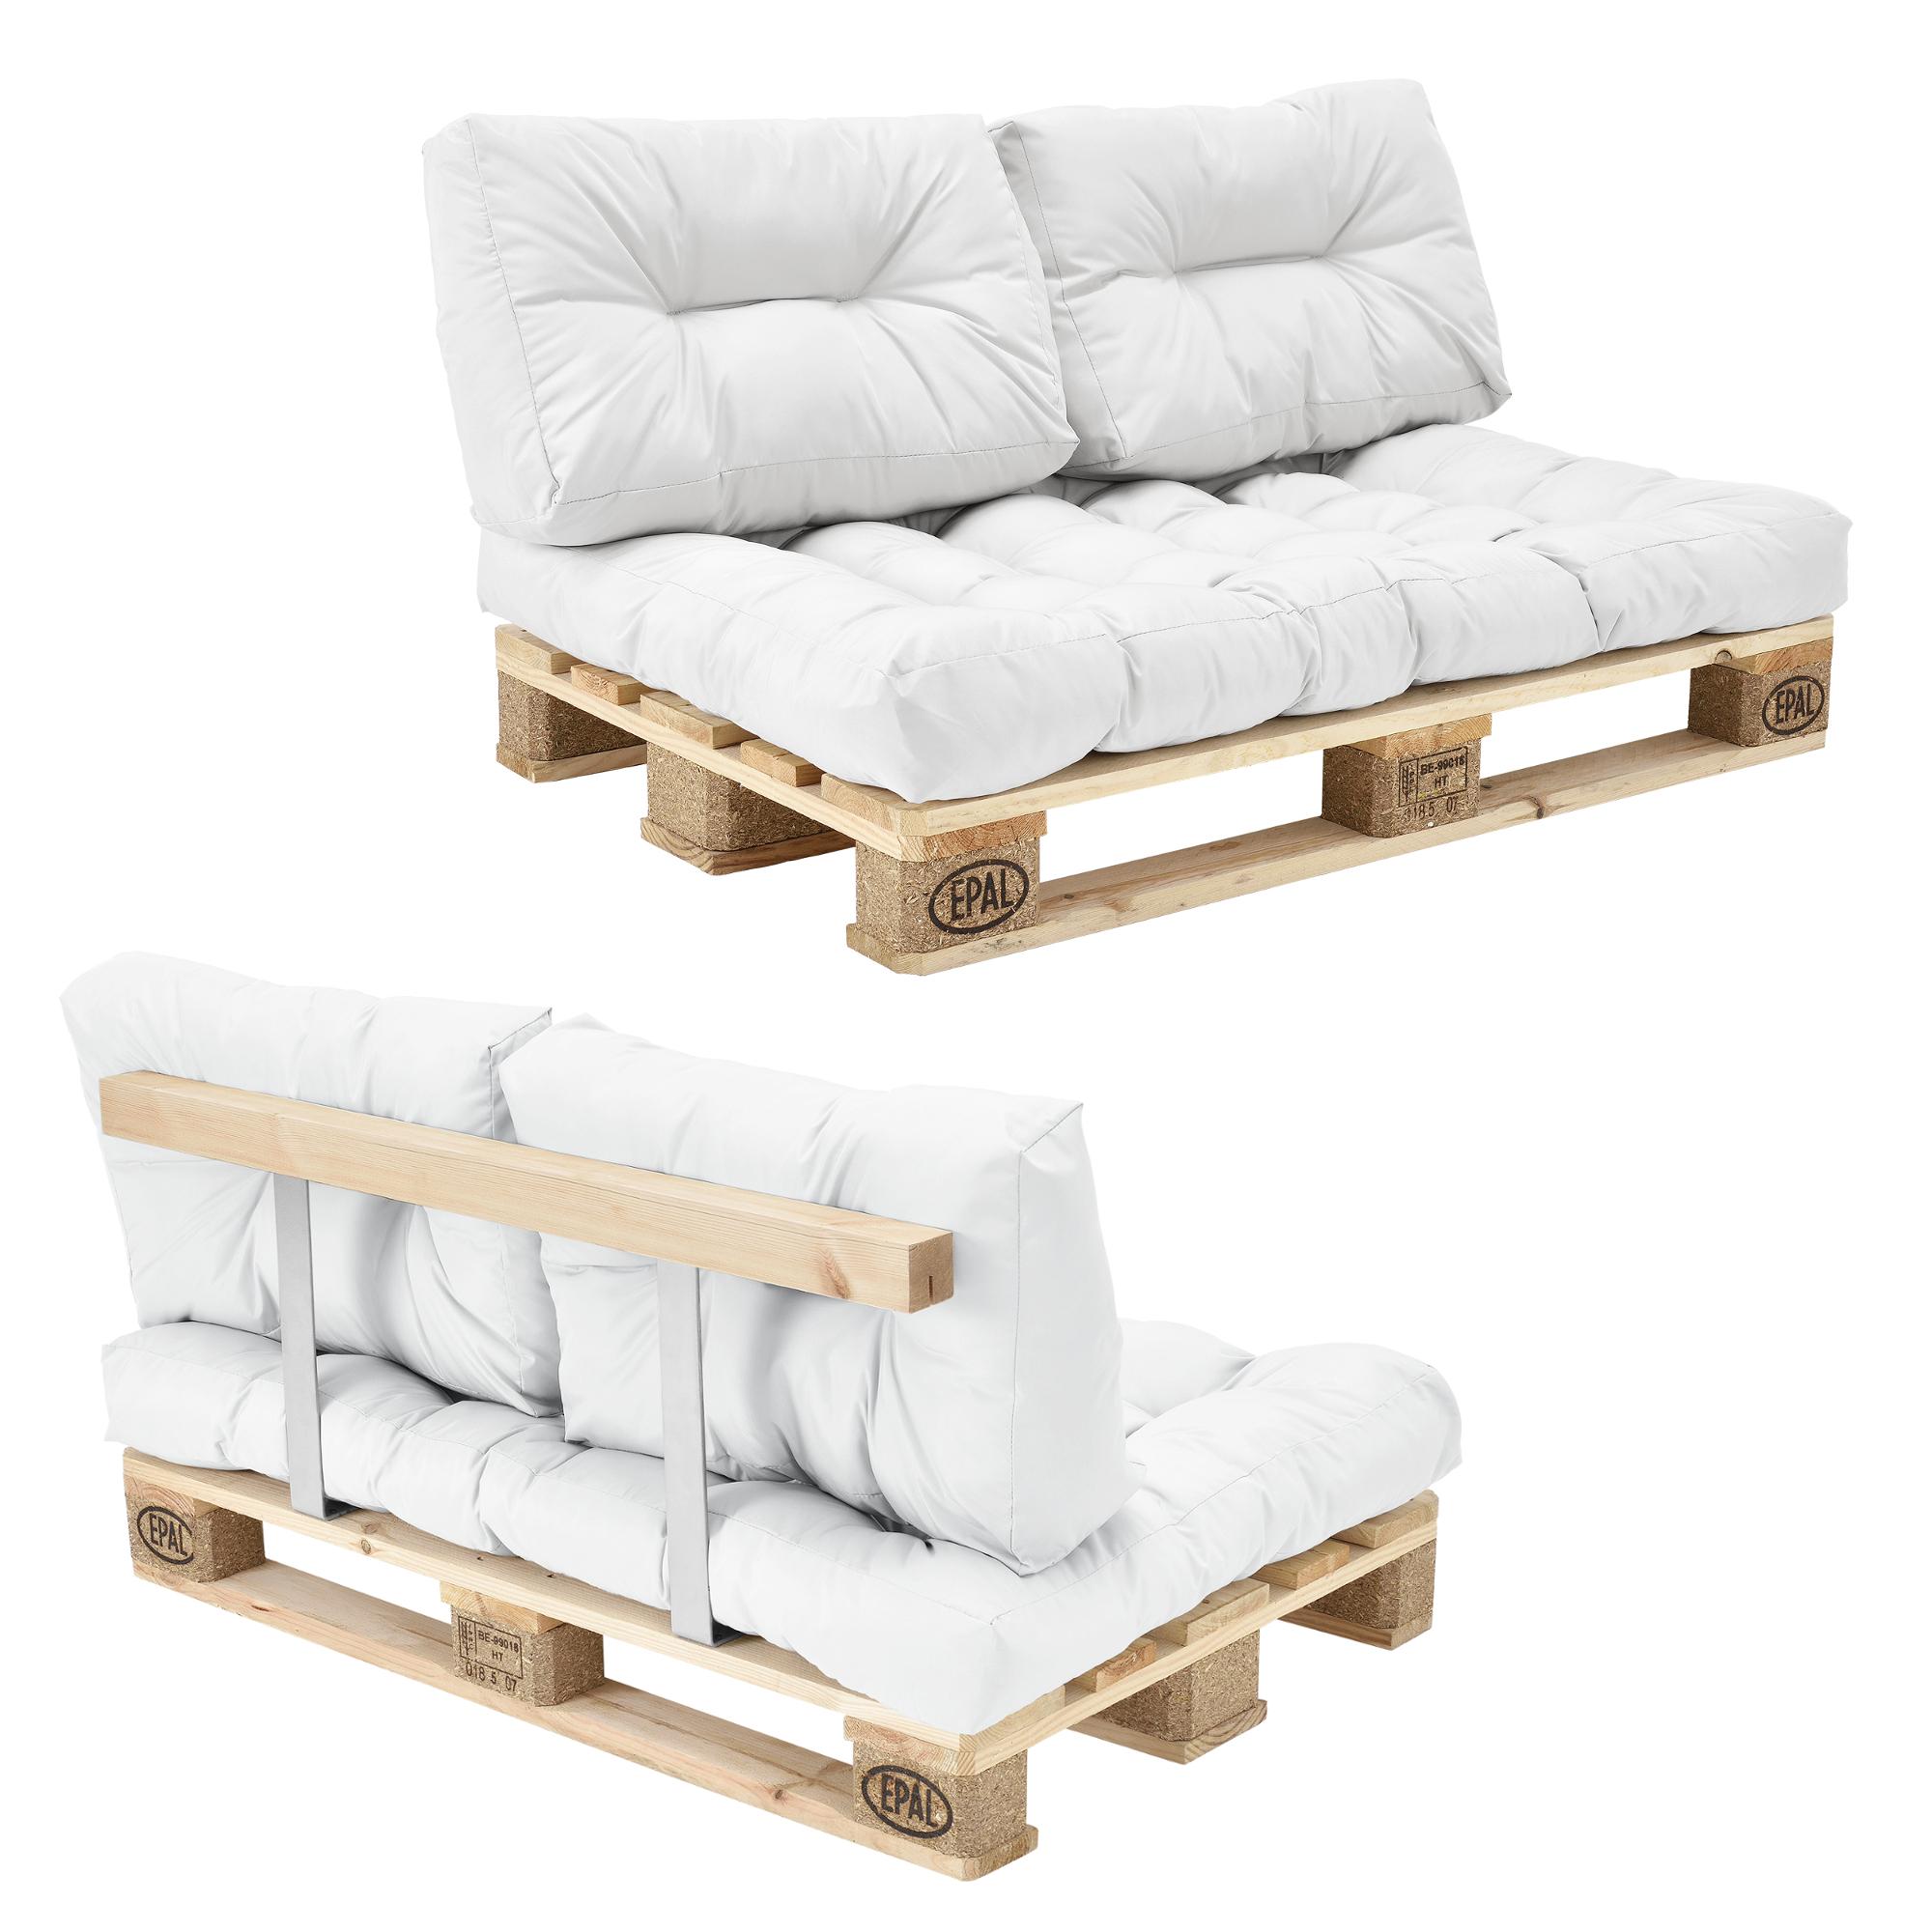 euro paletten sofa wei 2 sitzer mit paletten polster kissen lehnen ebay. Black Bedroom Furniture Sets. Home Design Ideas